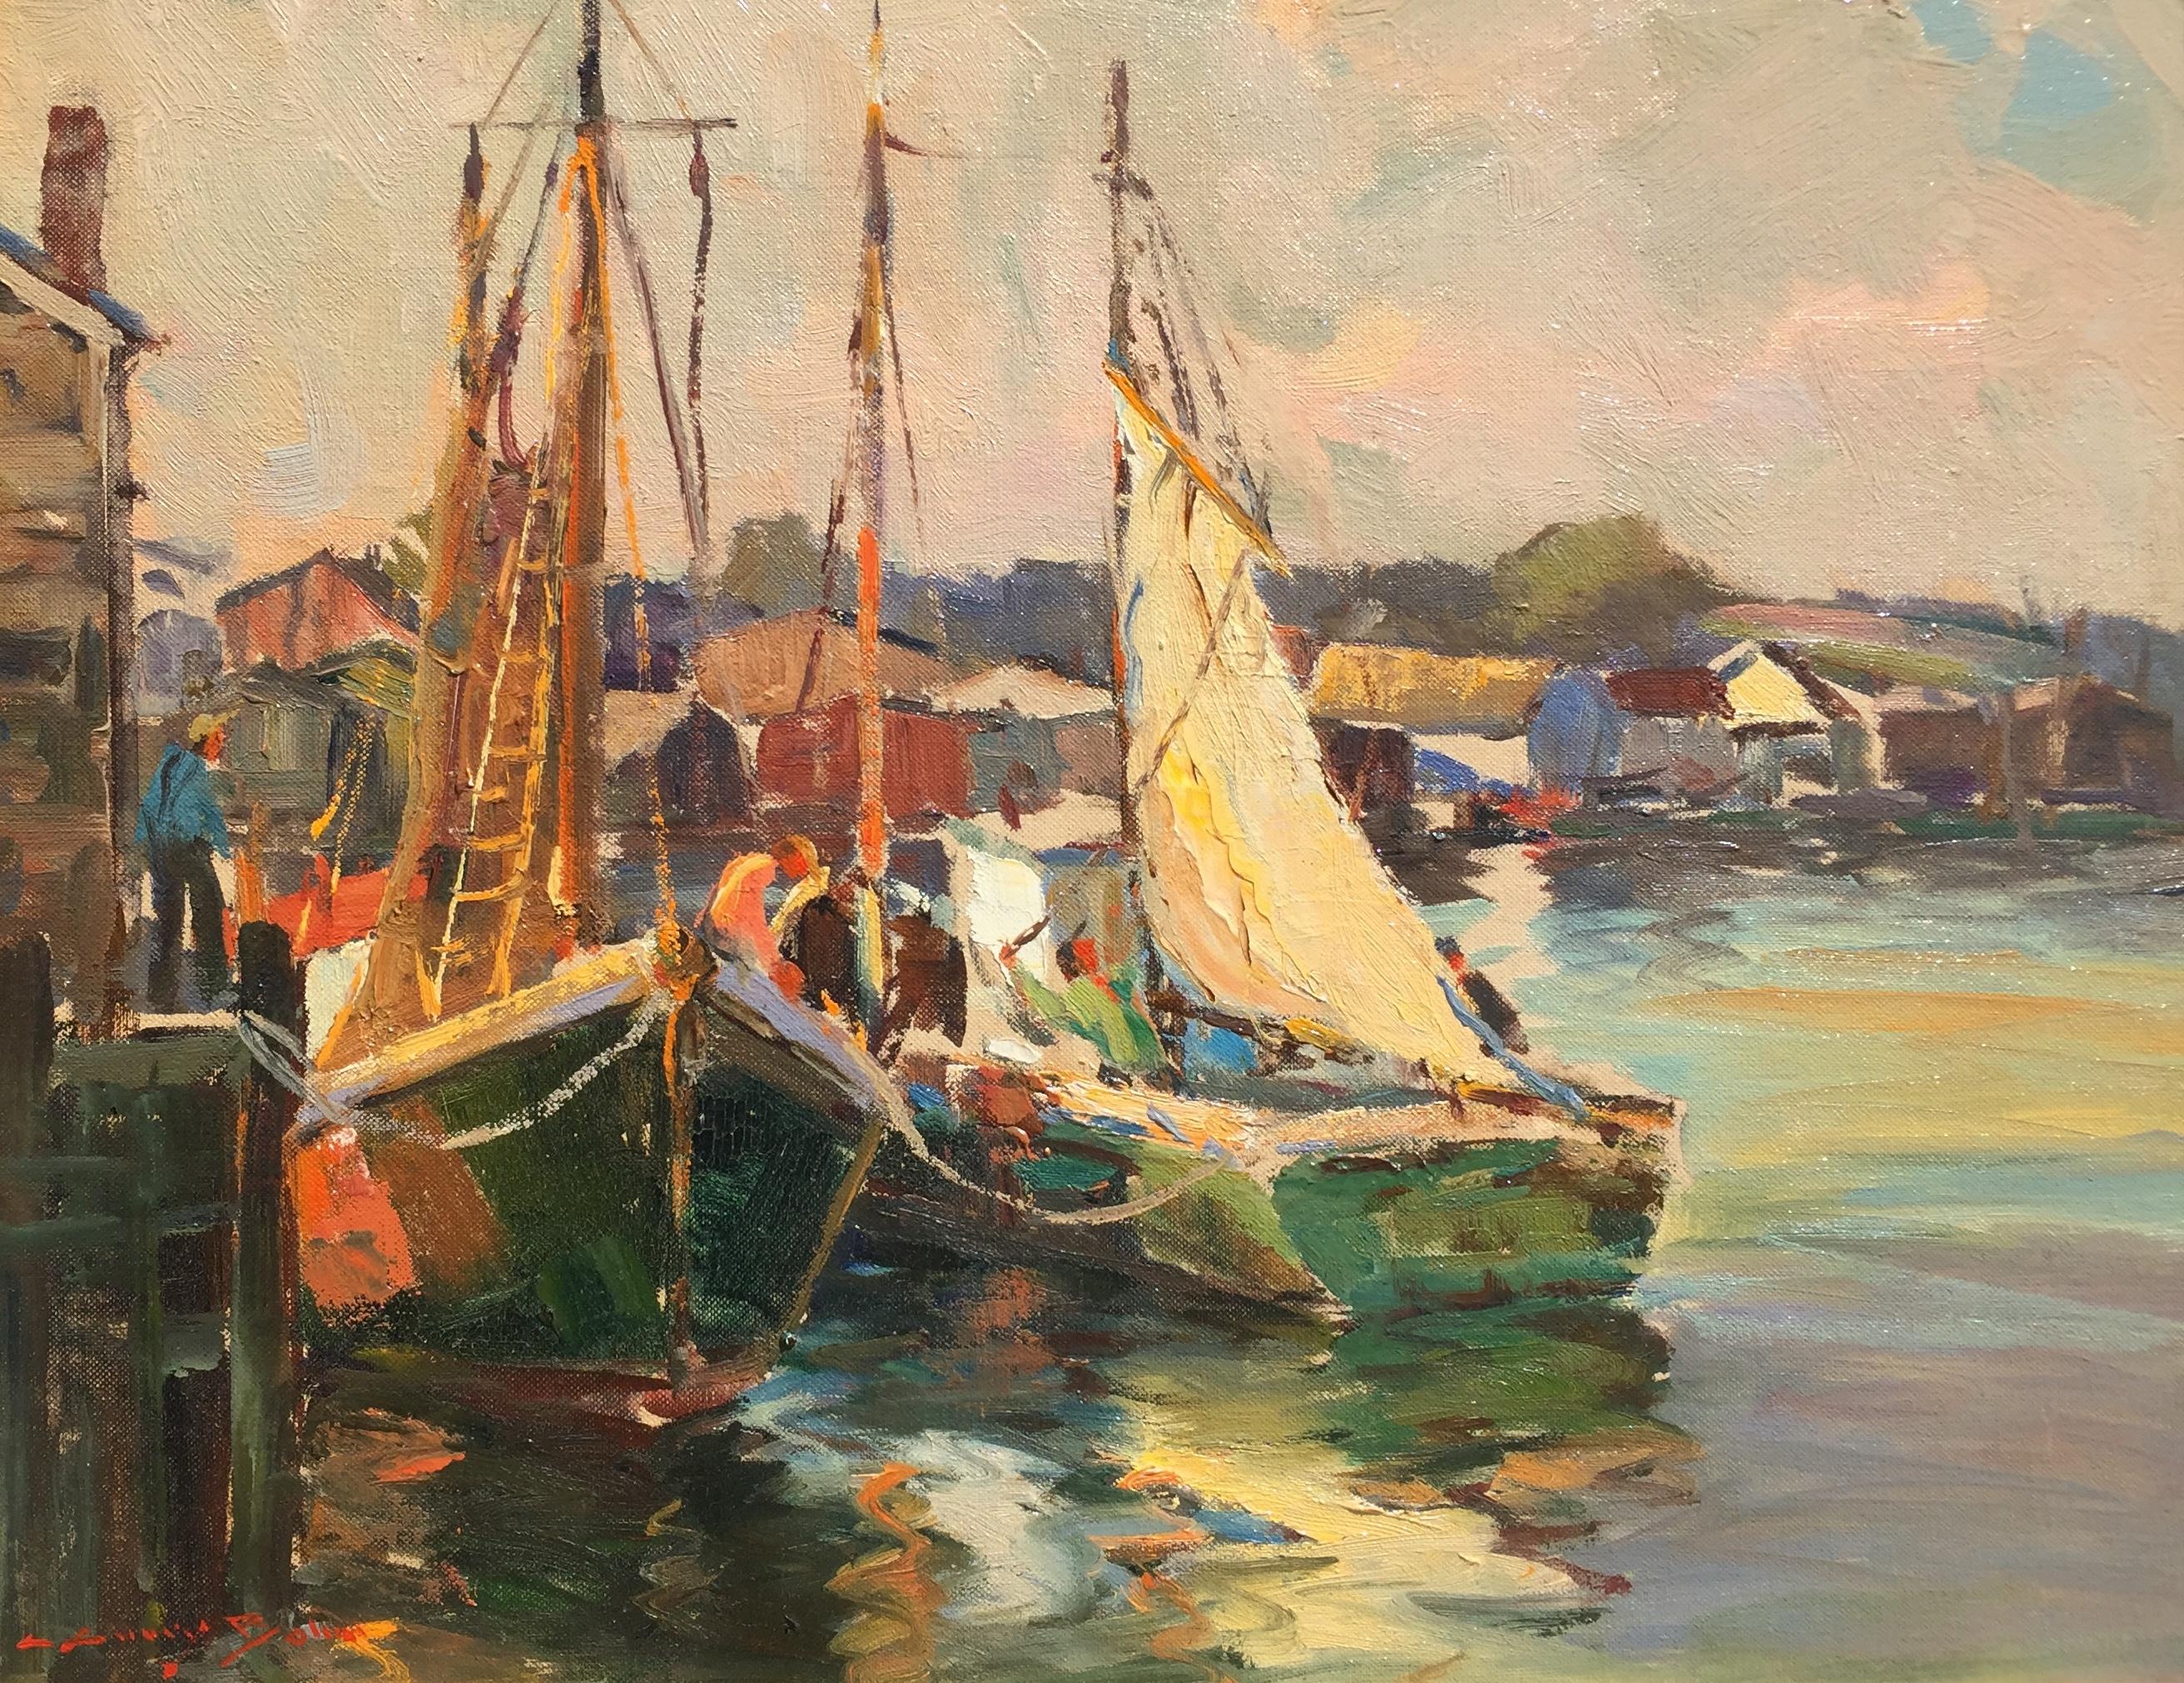 At Harbor